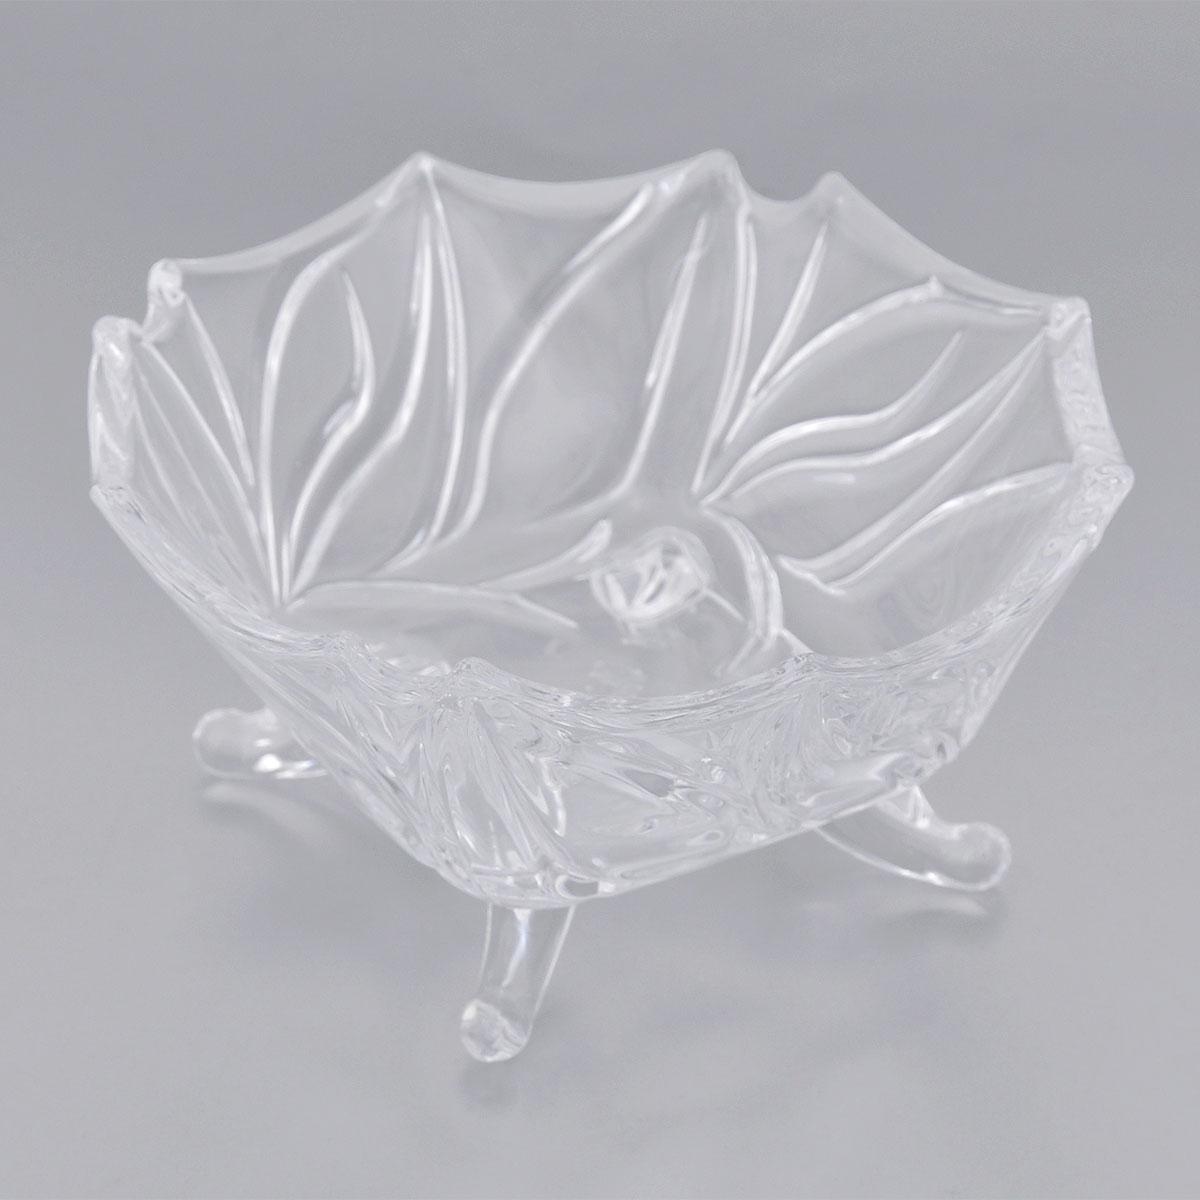 Конфетница Elan Gallery Цветочный узор, диаметр 13 см54 009312Оригинальная конфетница Elan Gallery Цветочный узор, изготовленная из прочного стекла, имеет многогранную рельефную поверхность в виде объемных цветочных узоров. Конфетница оснащена изящными ножками. Изделие предназначено для подачи сладостей (конфет, сахара, меда, изюма, орехов и многого другого). Она придает легкость, воздушность сервировке стола и создаст особую атмосферу праздника. Конфетница Elan Gallery Цветочный узор не только украсит ваш кухонный стол и подчеркнет прекрасный вкус хозяина, но и станет отличным подарком для ваших близких и друзей. Диаметр конфетницы (по верхнему краю): 13 см.Высота конфетницы: 6 см.